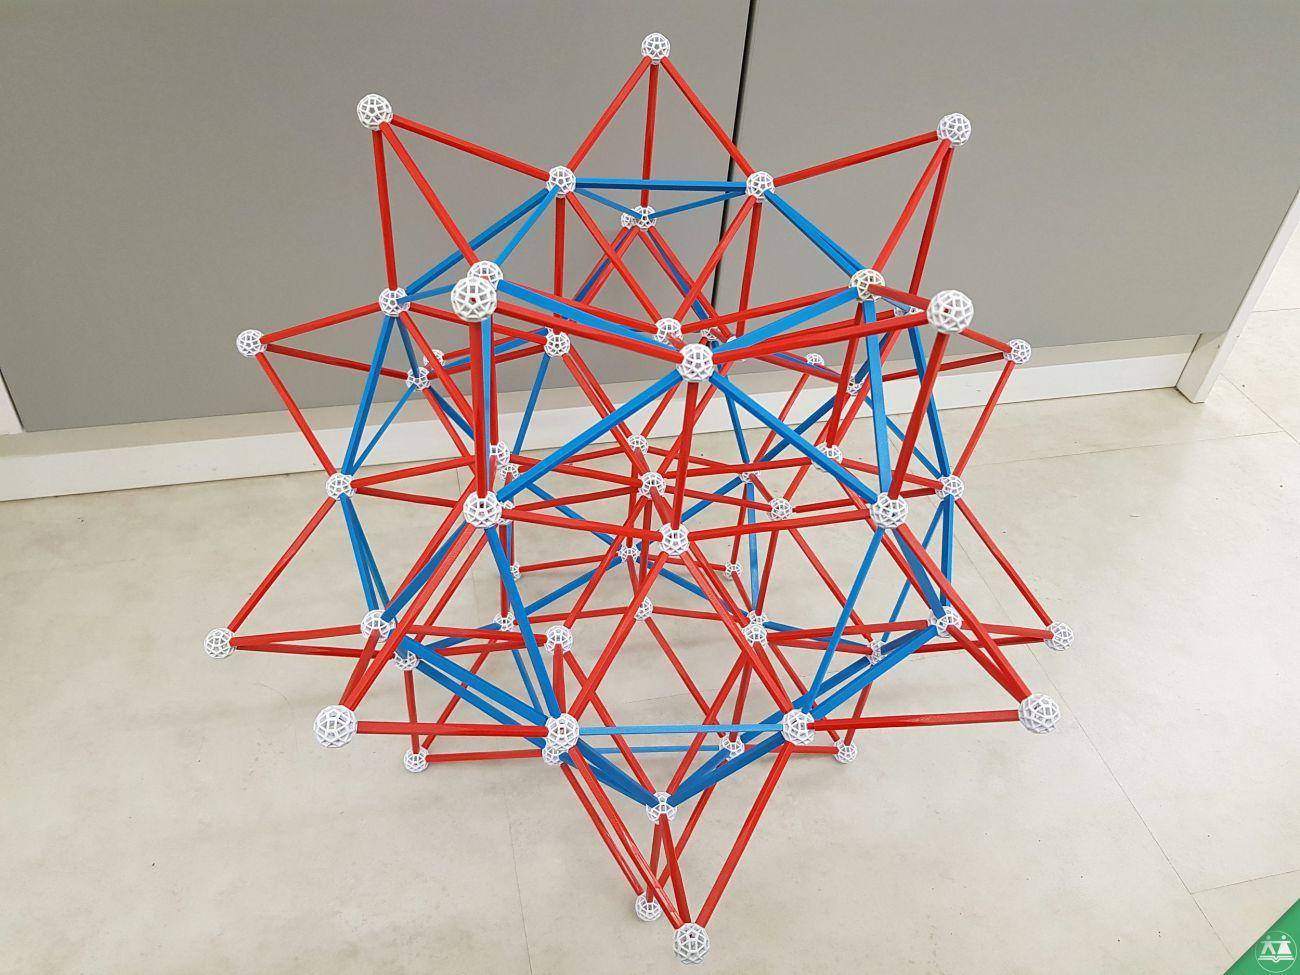 Hisa-poliedrov-drzavni-zbor-hisa-iluzij-004